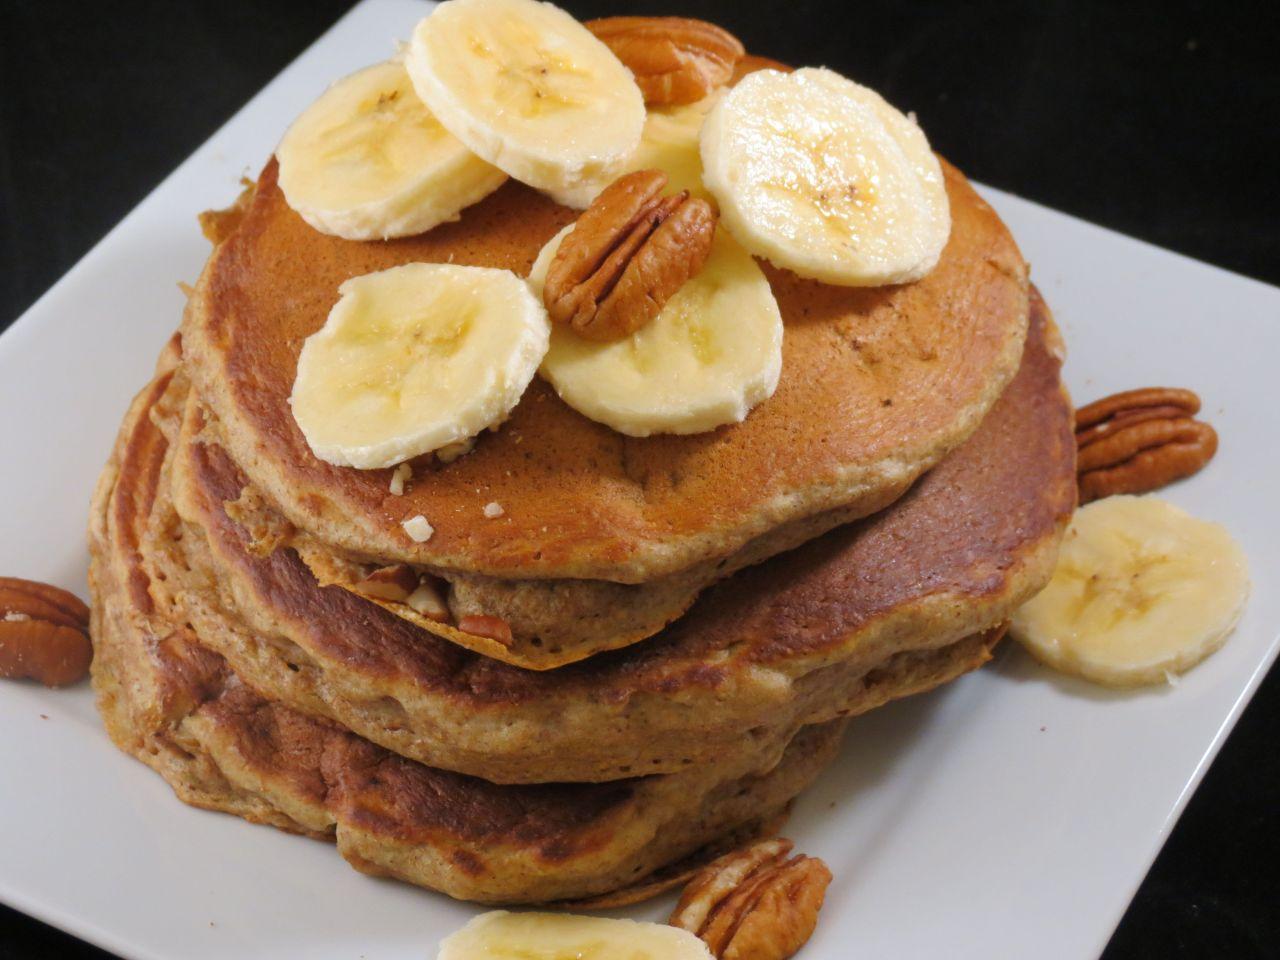 Banana Pecan Pancakes single serving